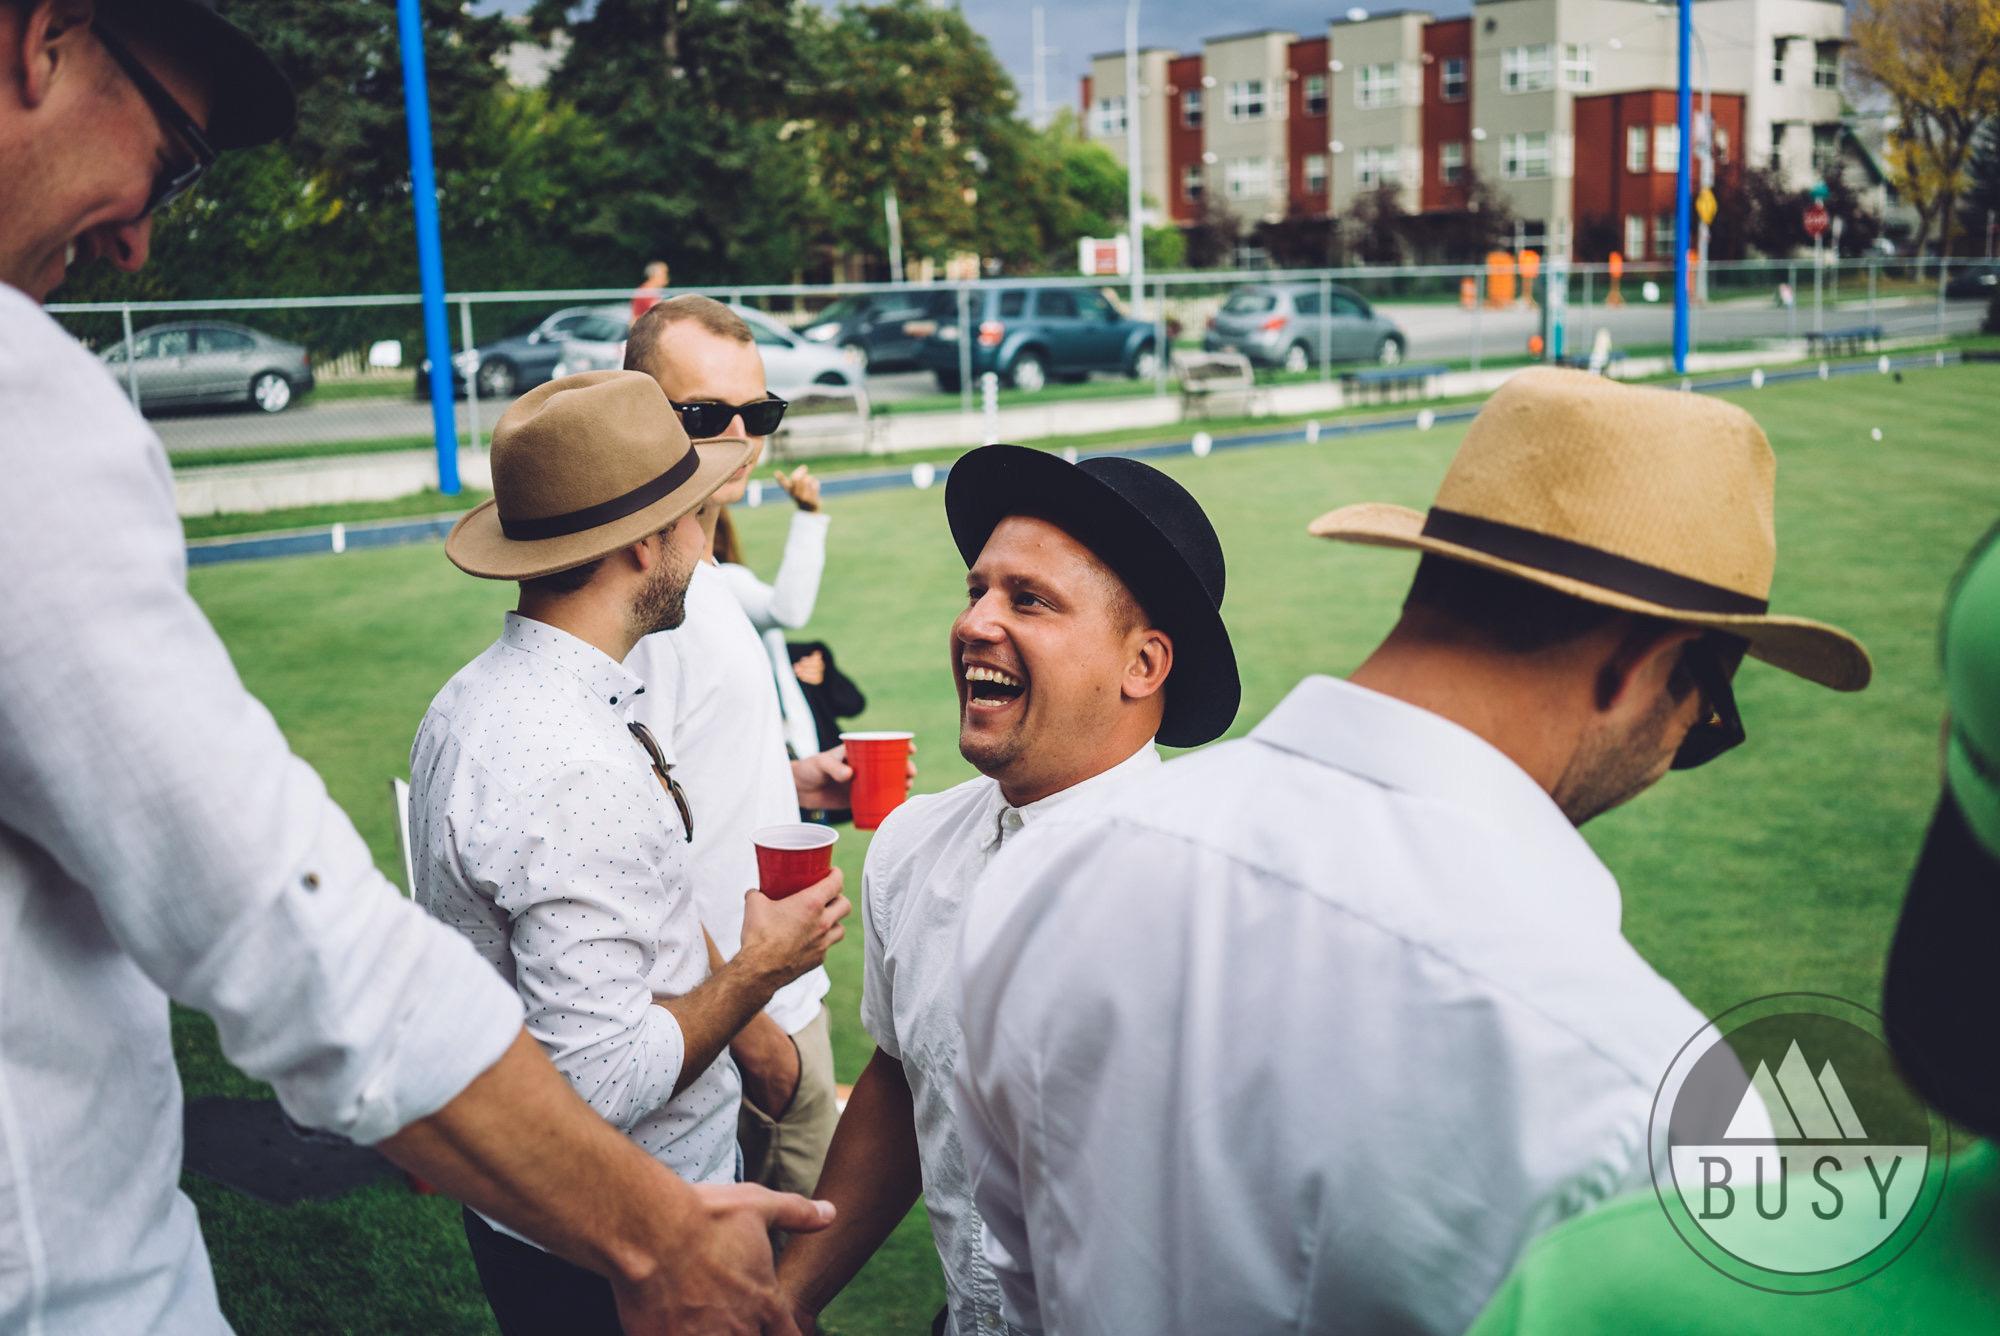 BUSY Lawn Bowling-07977.jpg